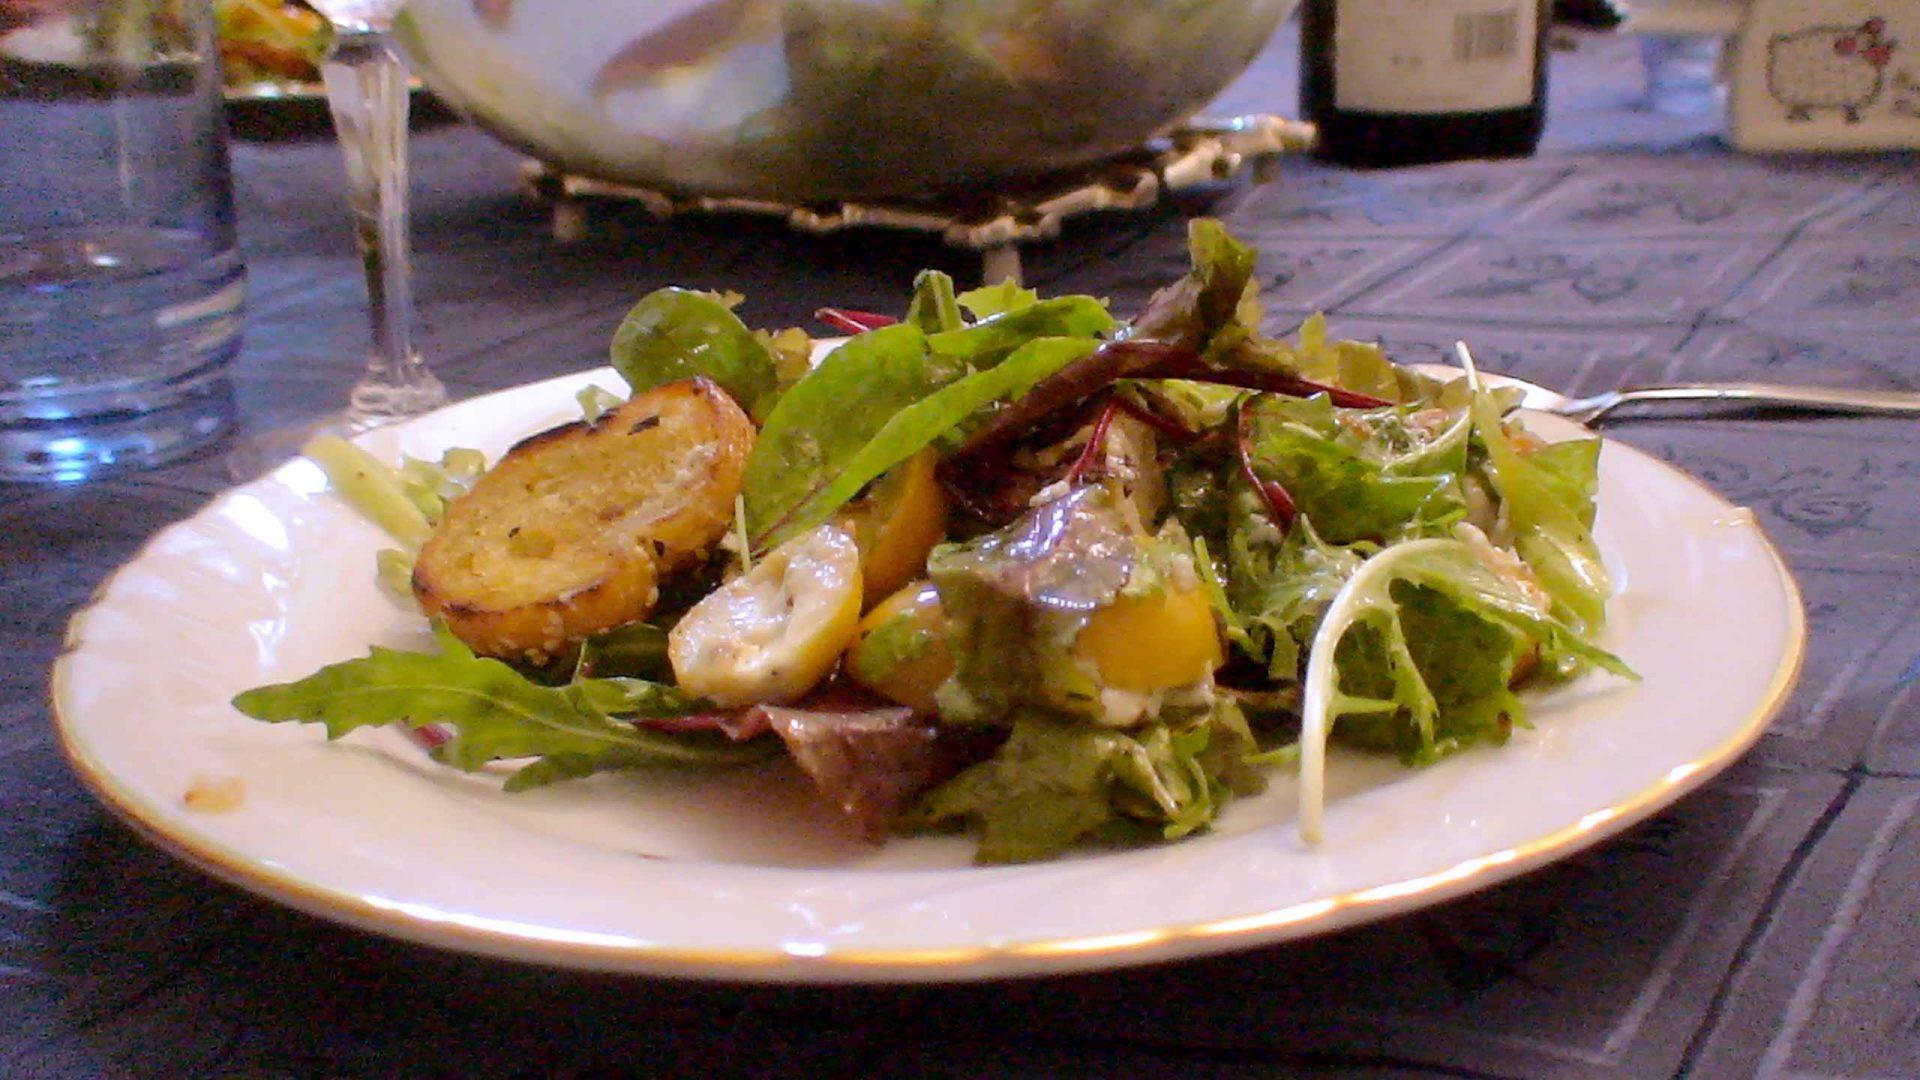 סלט תמרים צהובים וגבינות עם פרוסות בגט חם